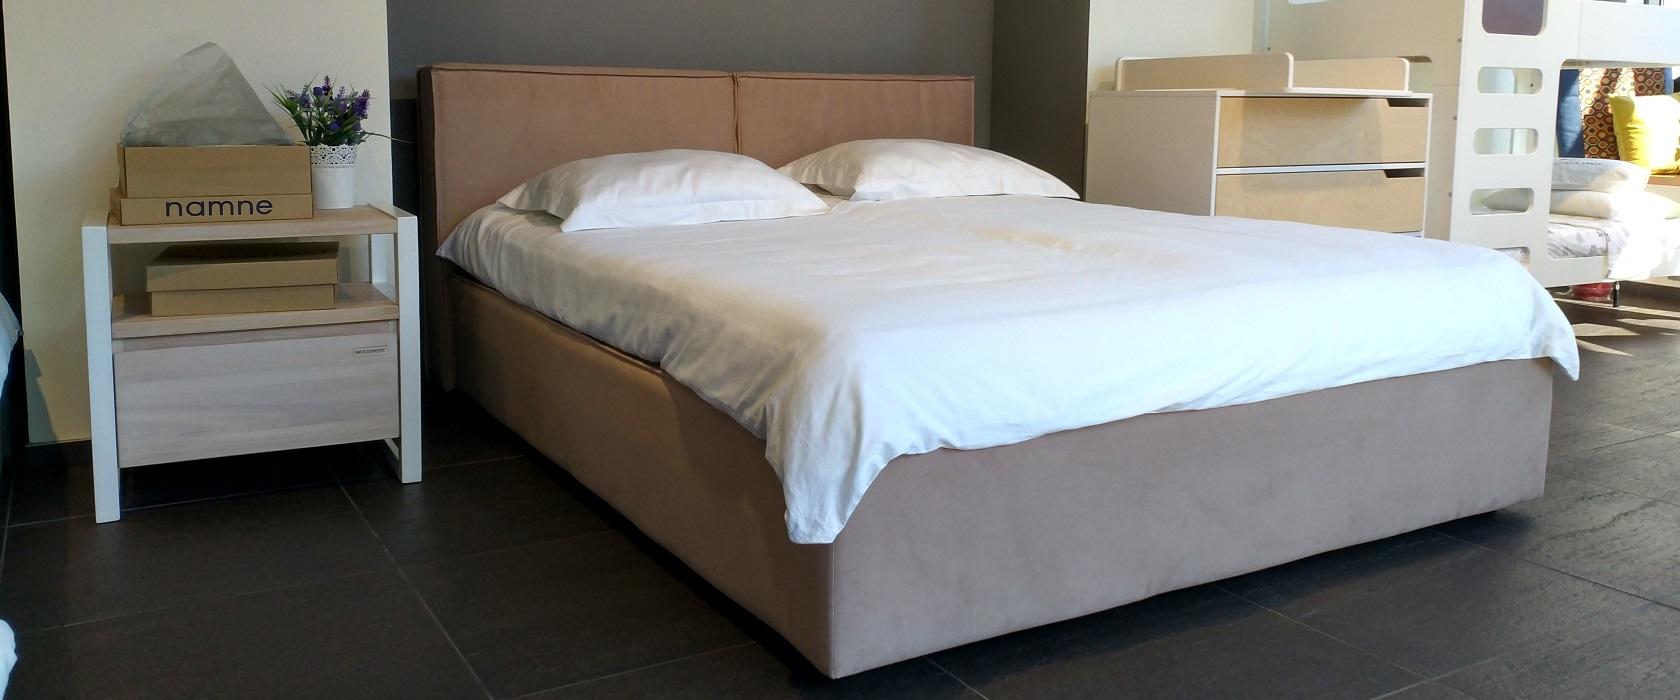 Ліжко Modena - Фото 2 - Pufetto